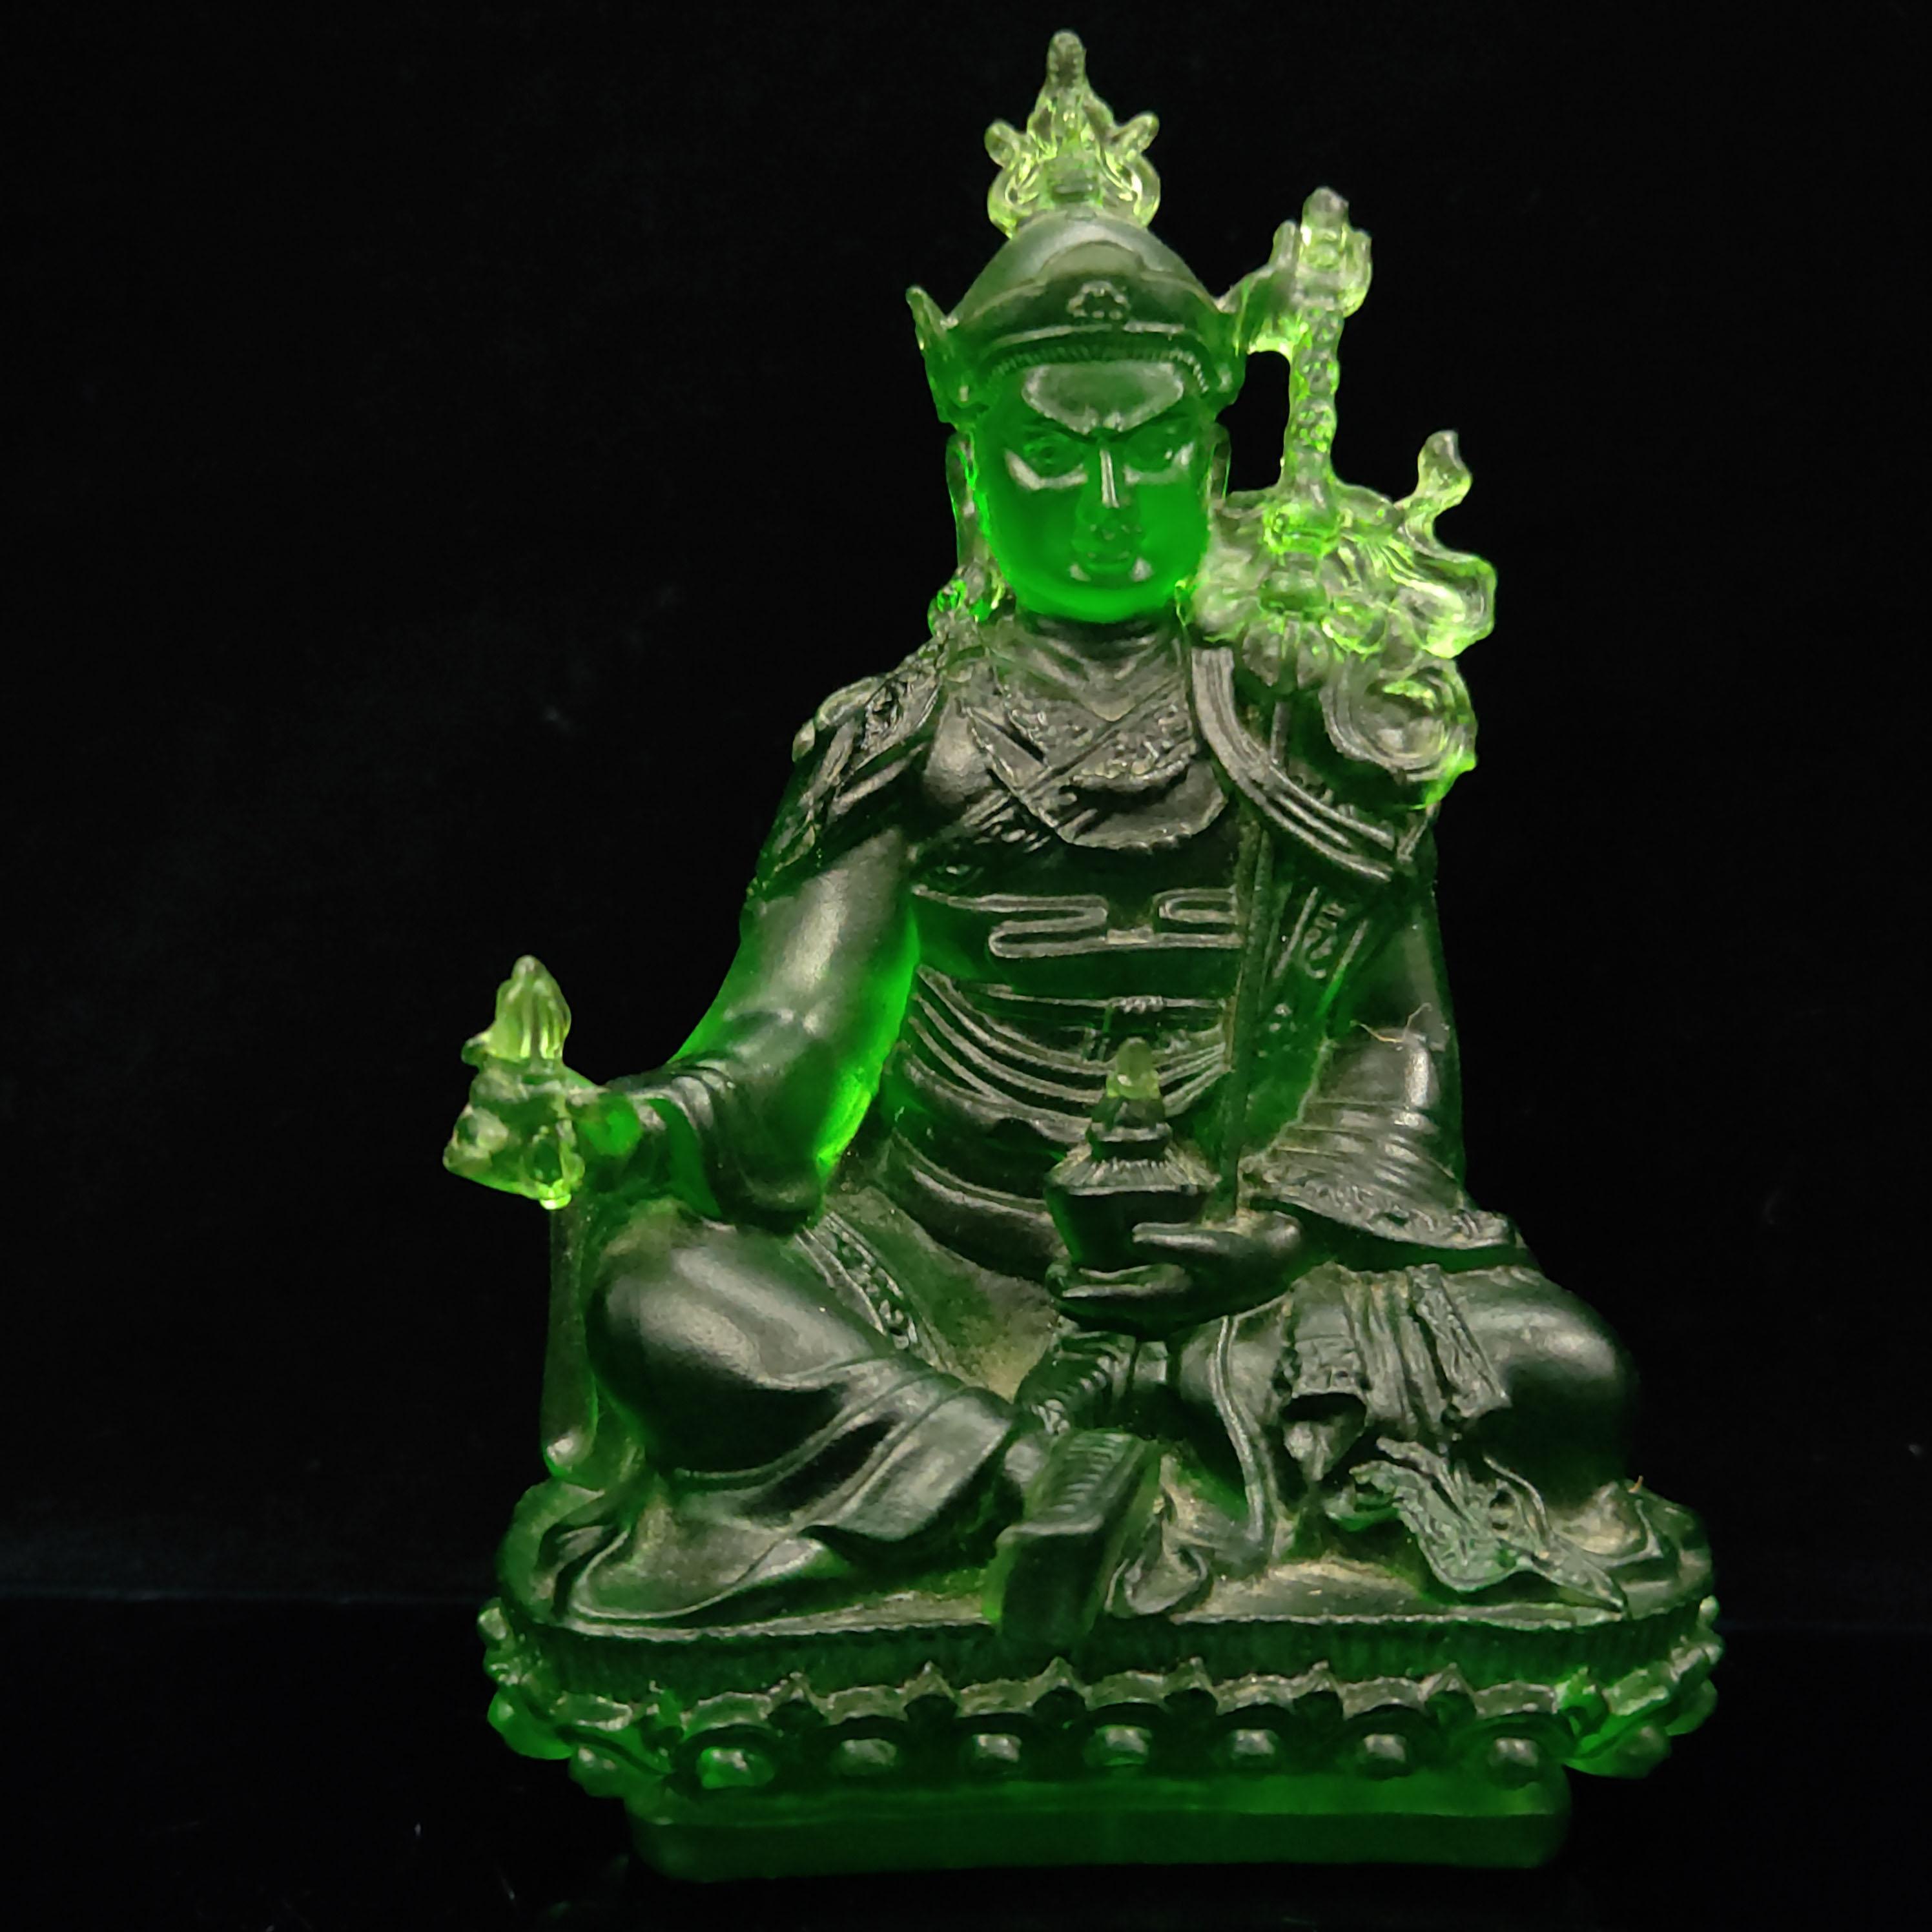 Chinois antique verre vert Bouddha sculpté à la main Modèle Statue LL025